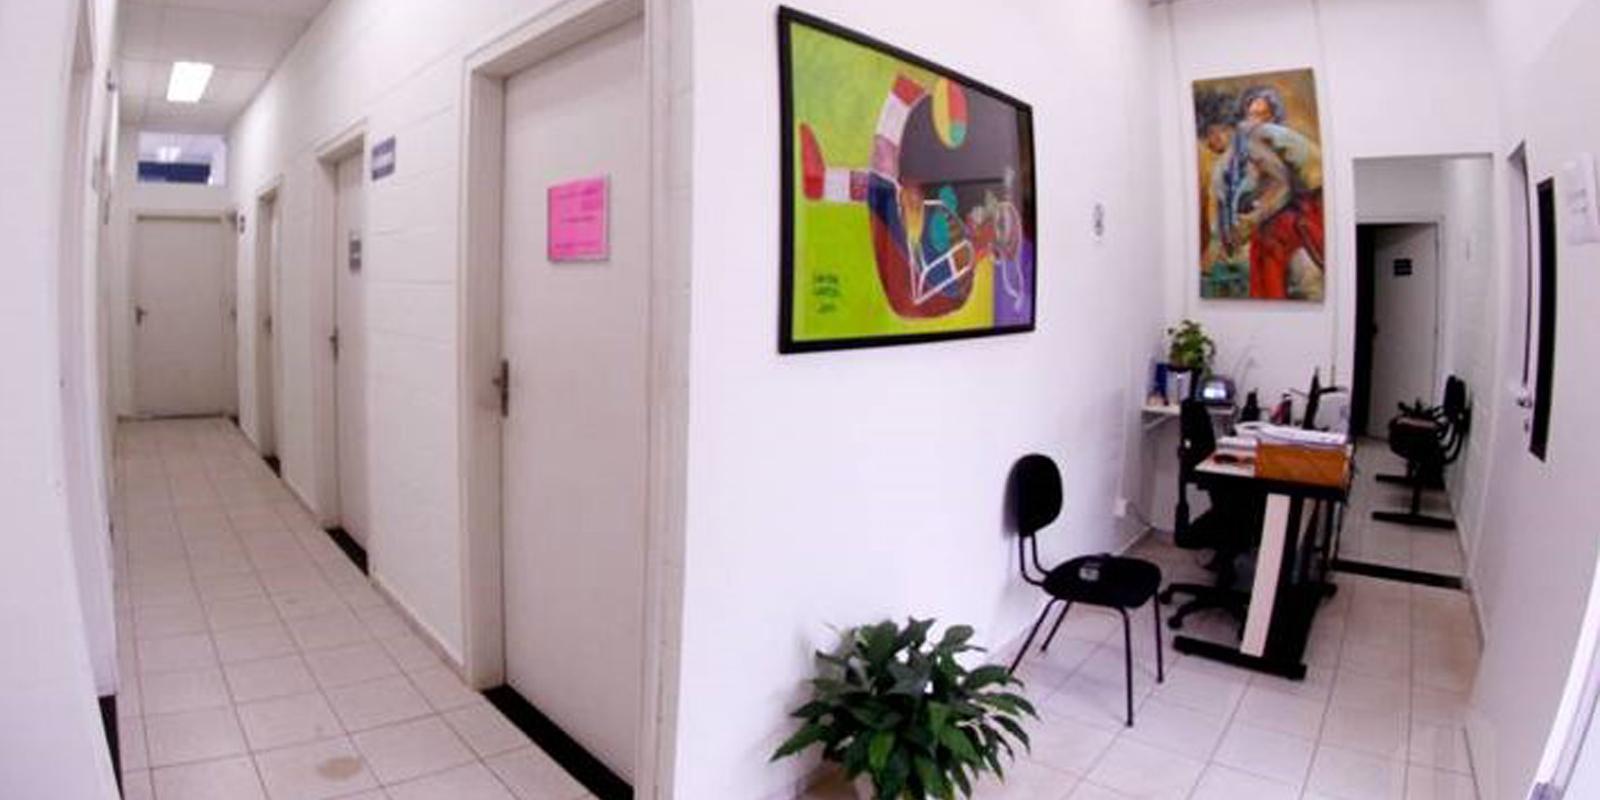 Clínica-Escola de Psicologia aumenta número de atendimentos gratuitos à comunidade